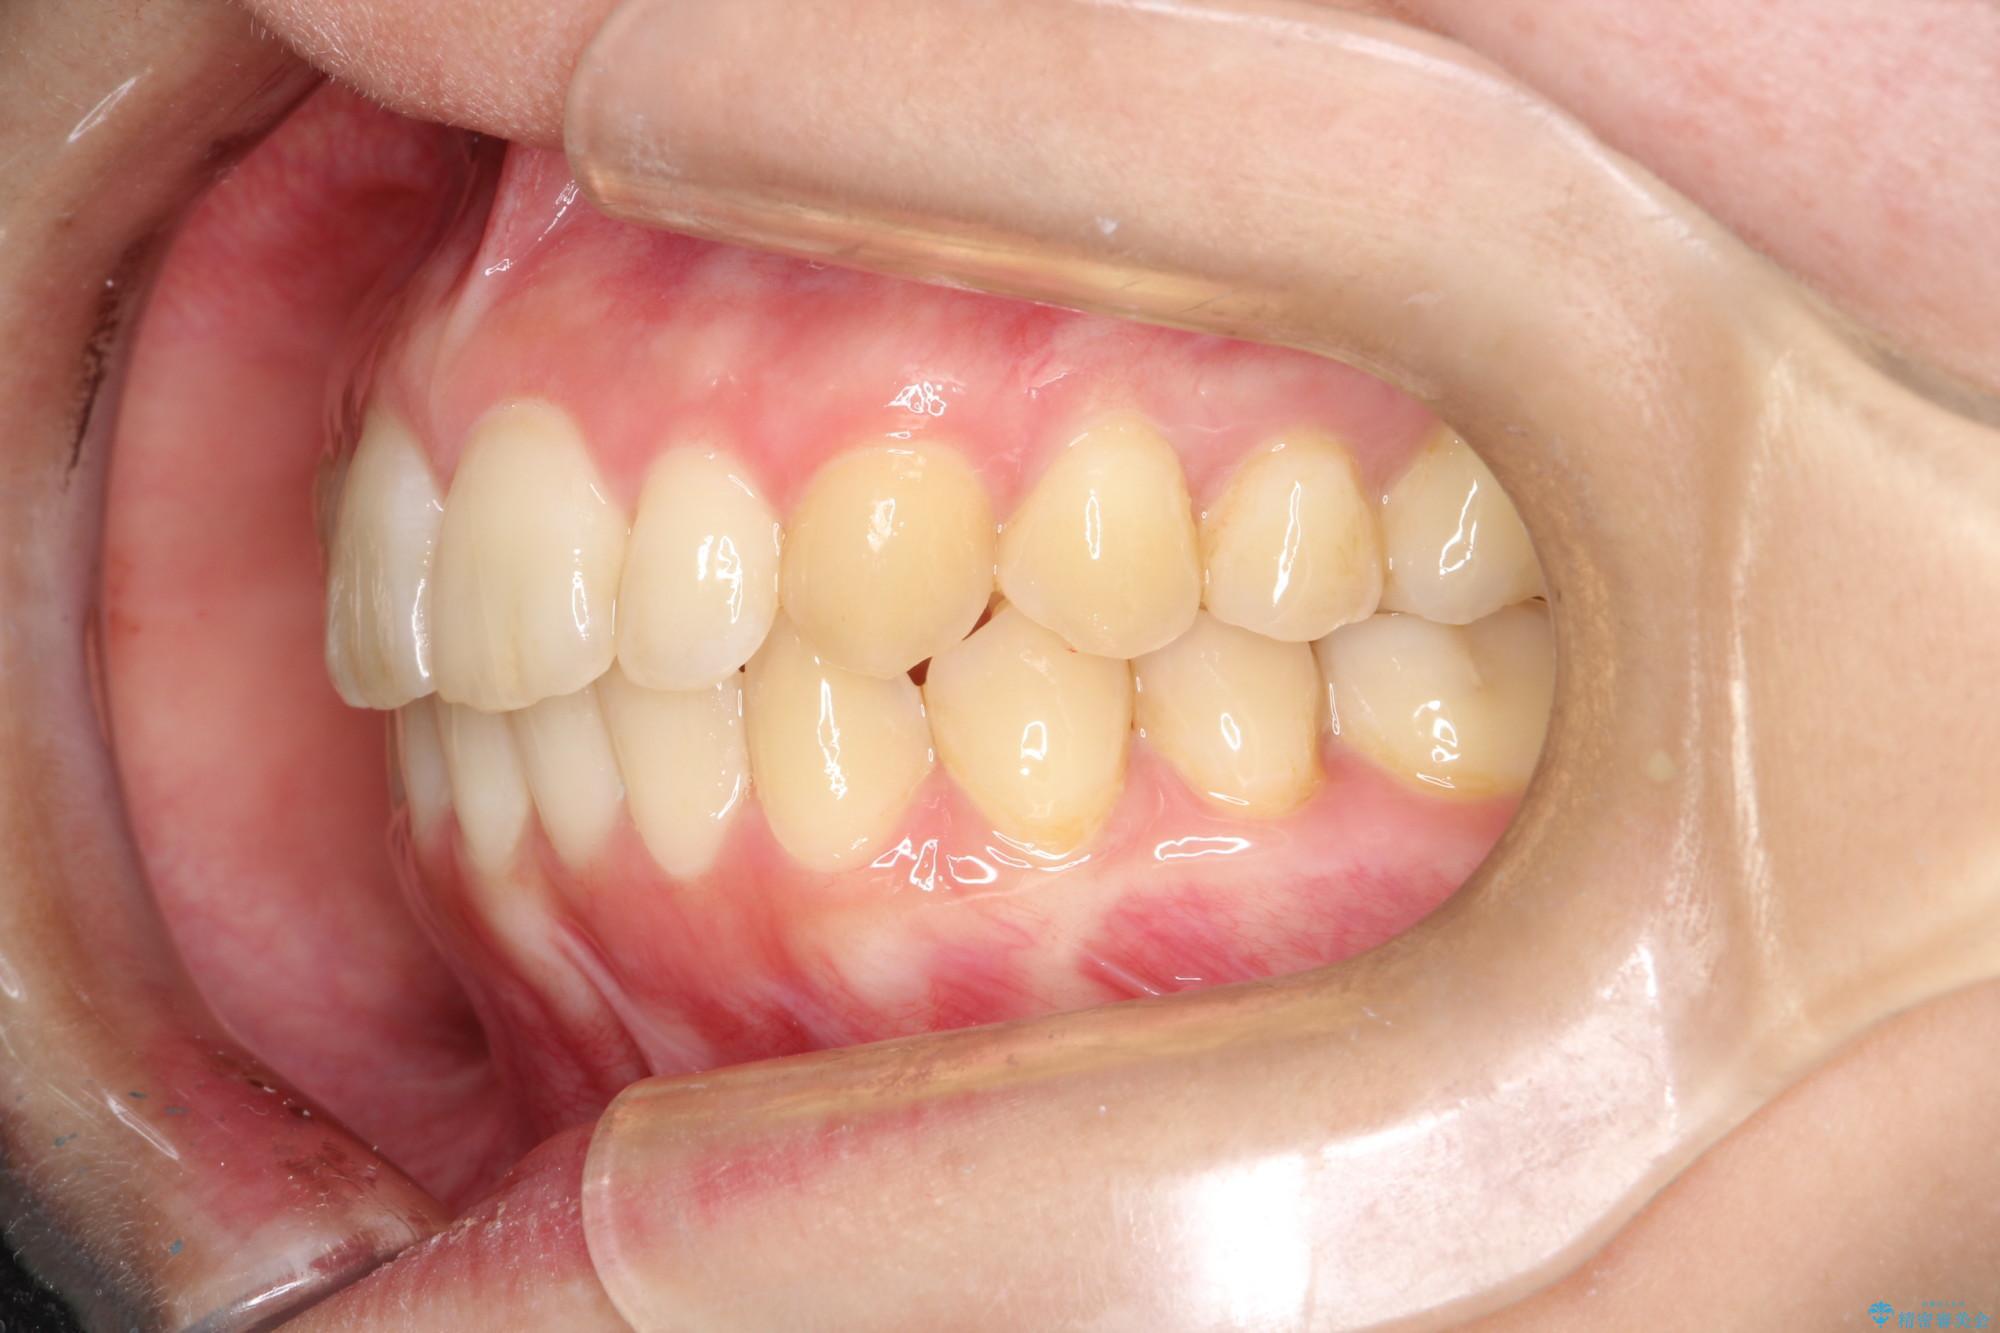 20代女性 出ている前歯をインビザラインで引っ込める(ビフォーアフター) 治療後